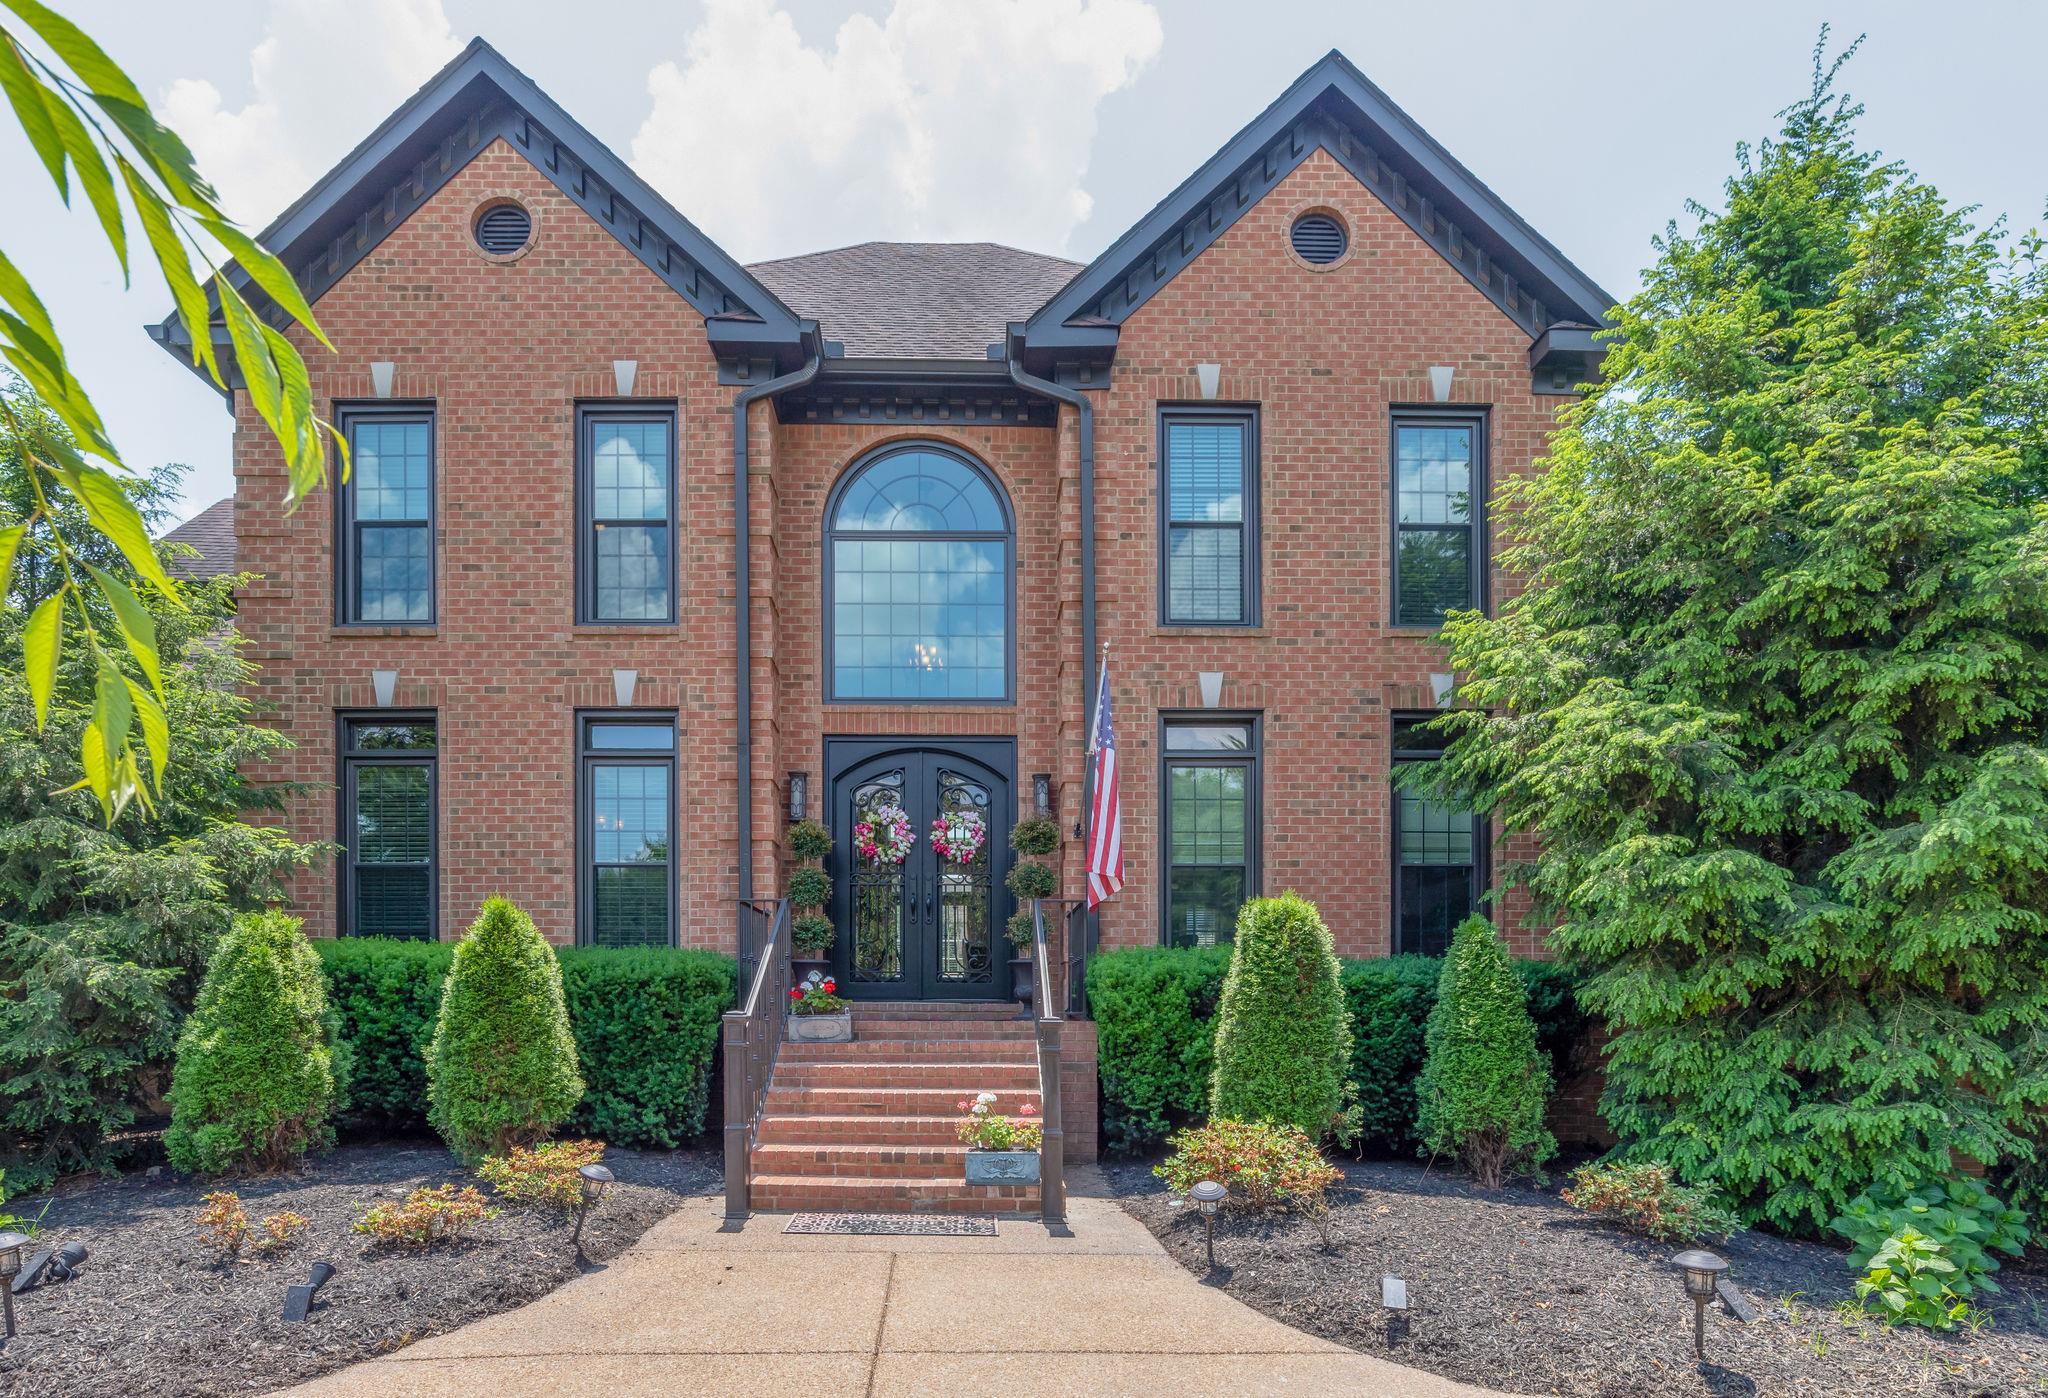 Brentmeade Est Sec 12 Real Estate Listings Main Image